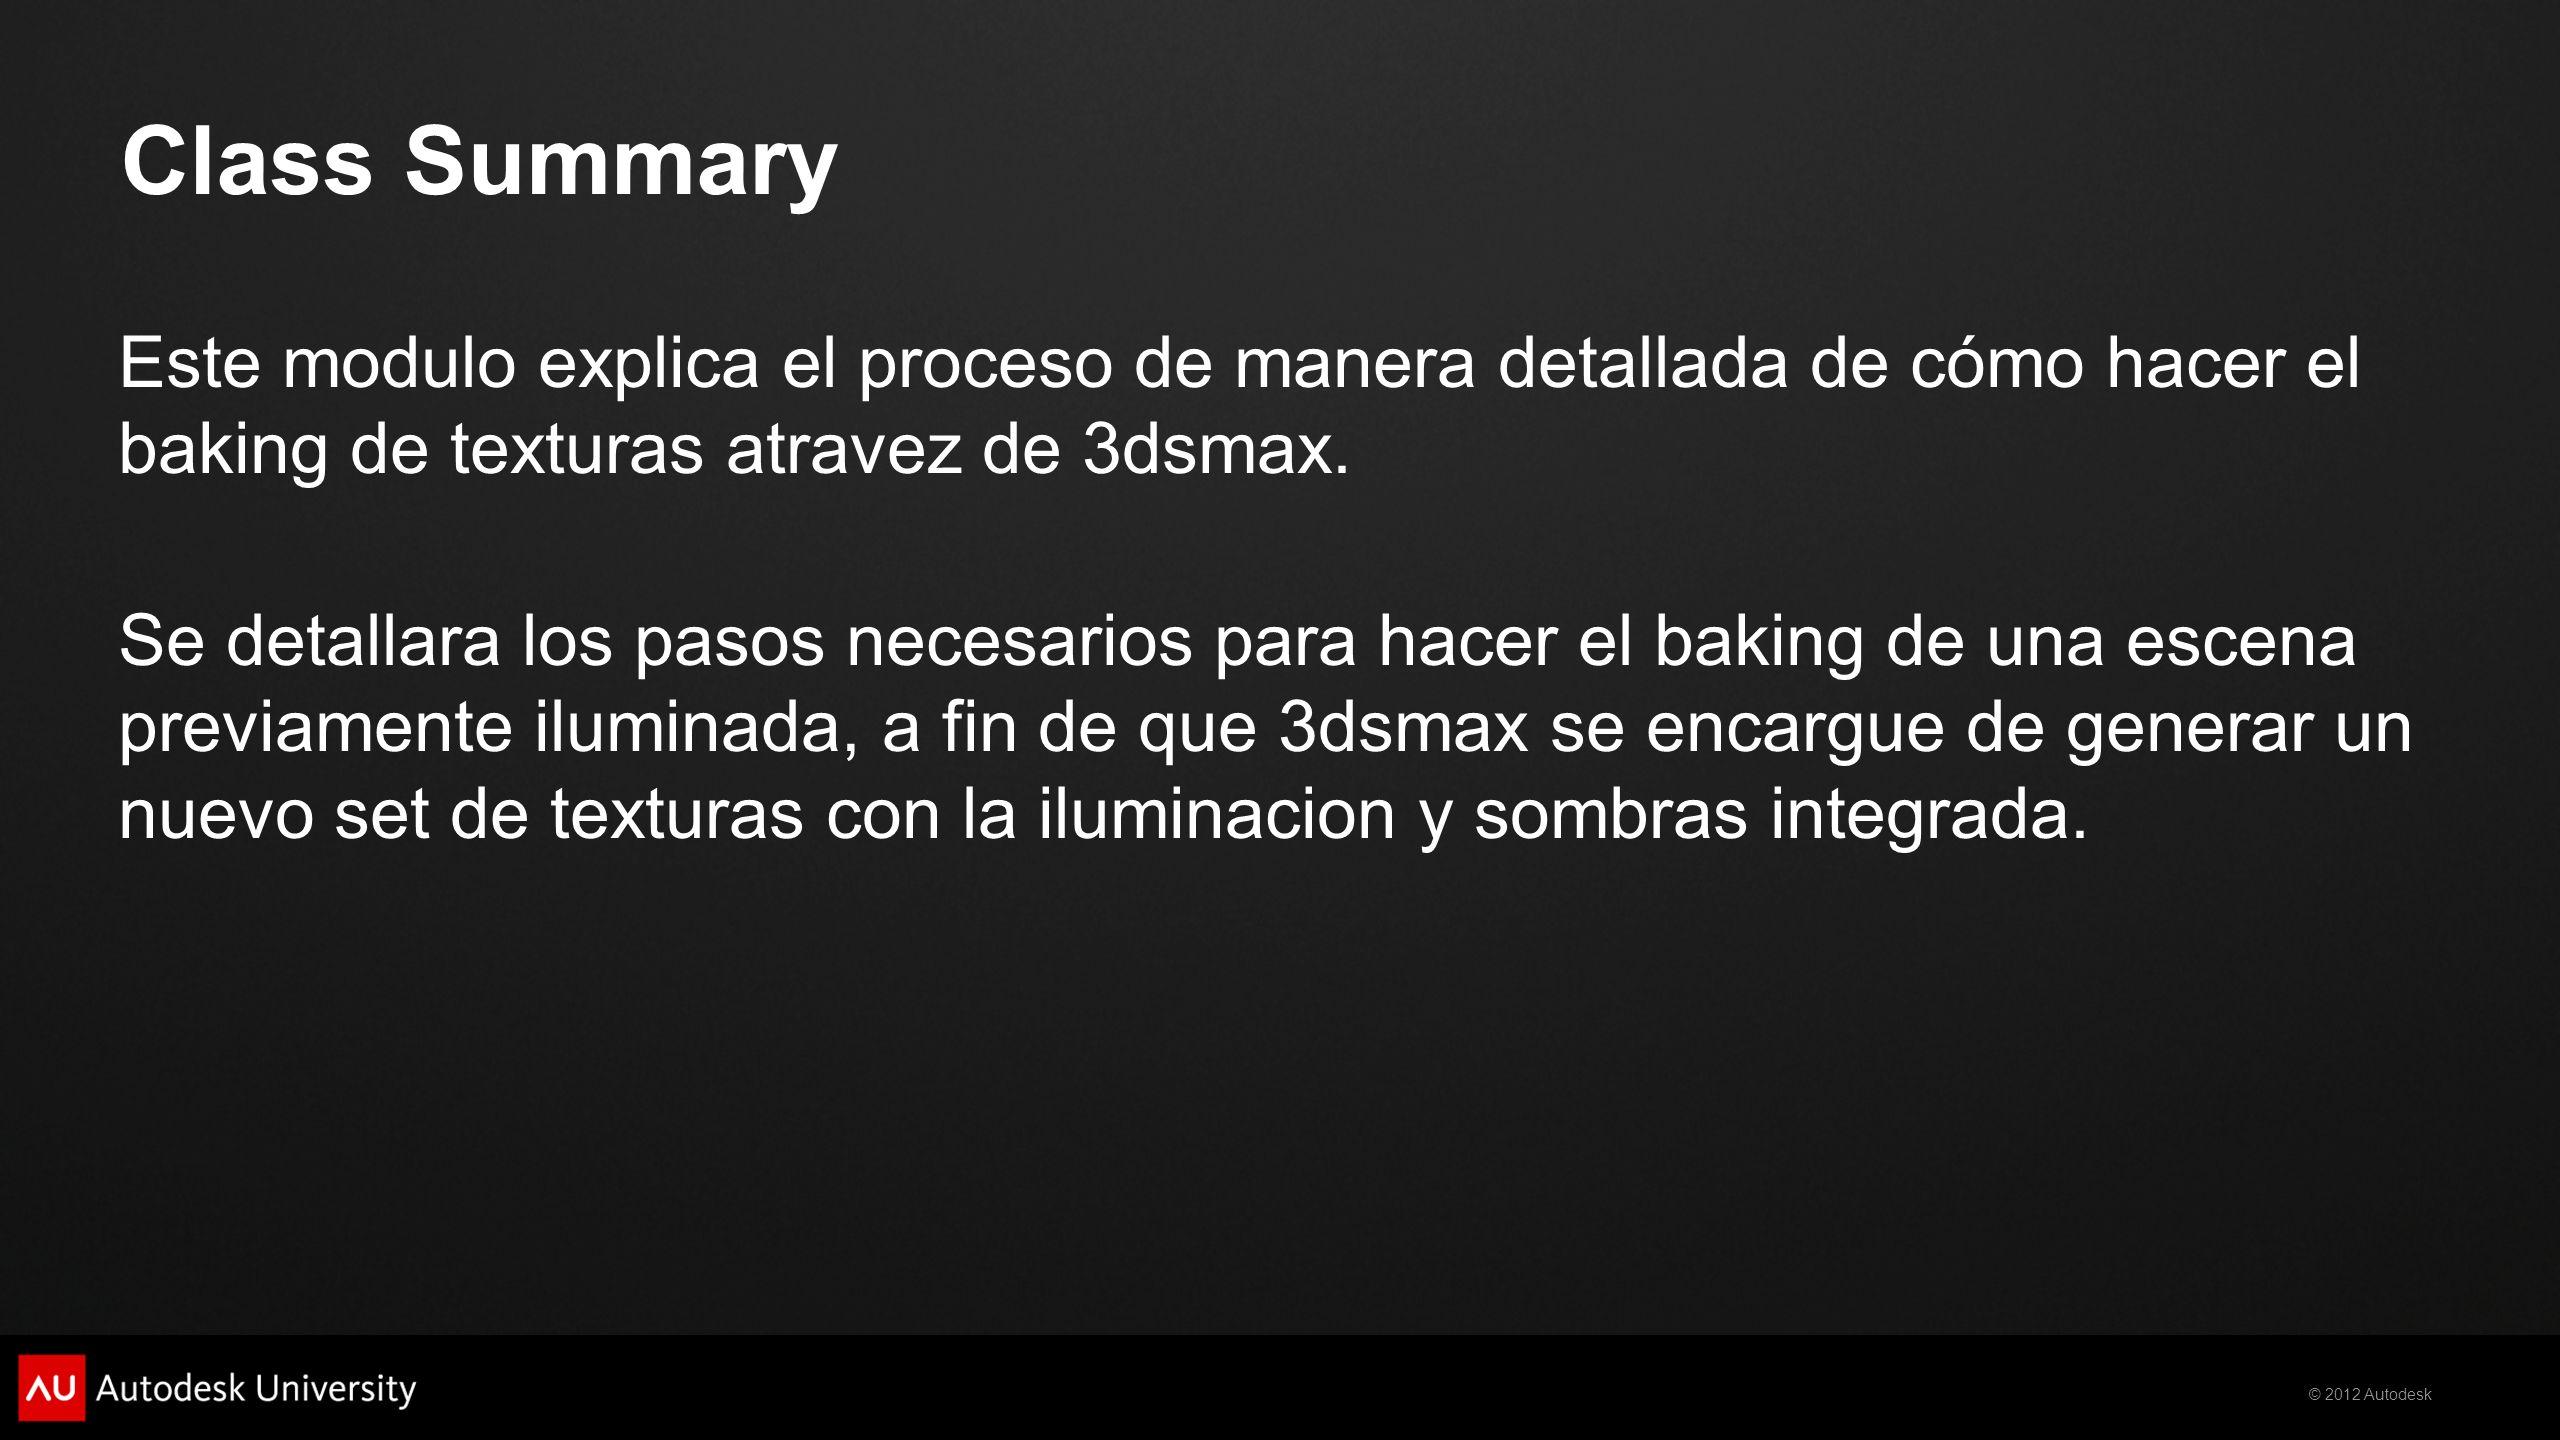 Class Summary Este modulo explica el proceso de manera detallada de cómo hacer el baking de texturas atravez de 3dsmax.